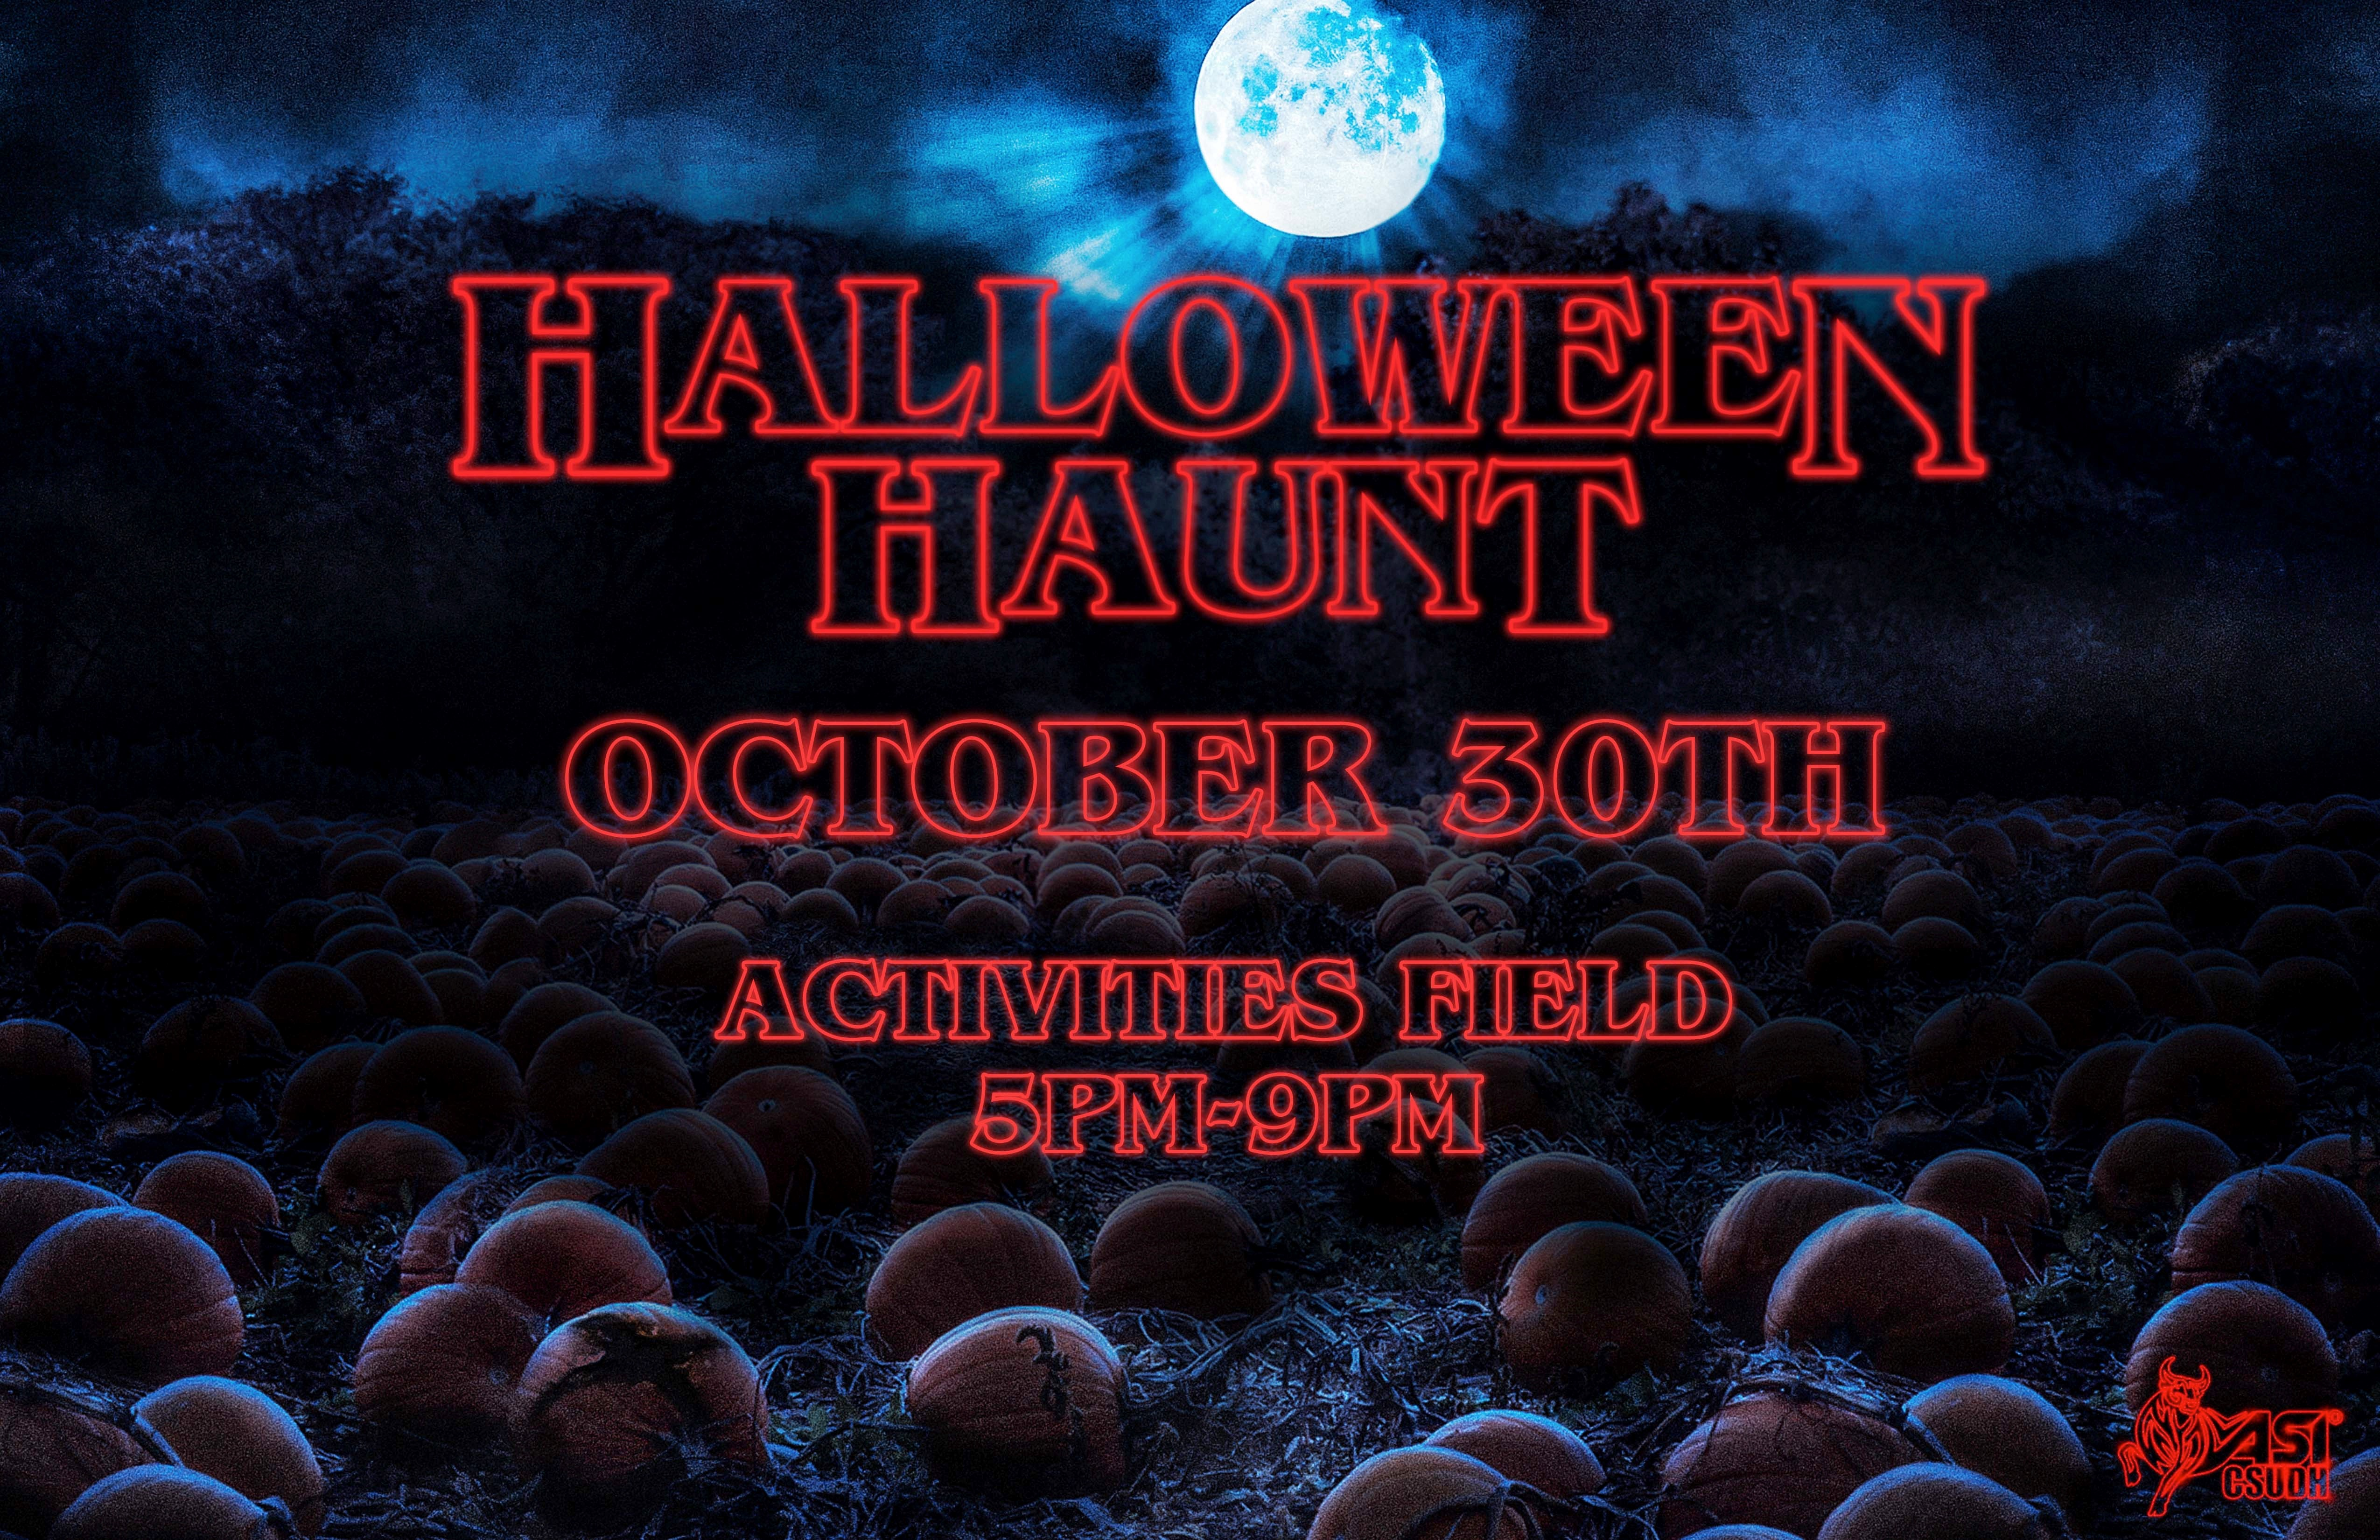 Join us for Halloween Haunt